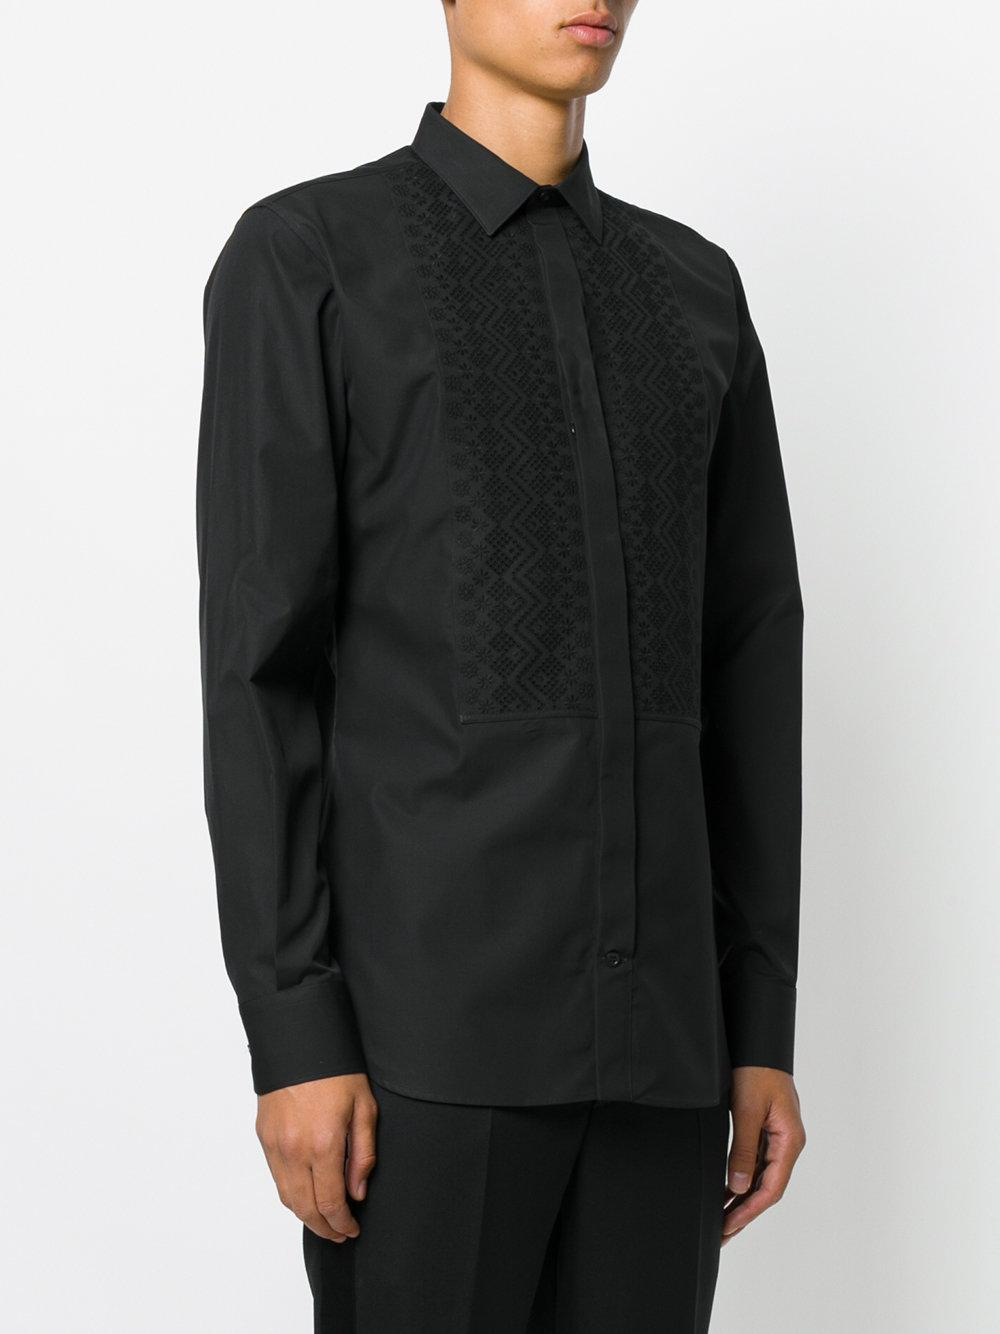 Lyst alexander mcqueen broderie anglaise shirt in black for Alexander mcqueen shirt men